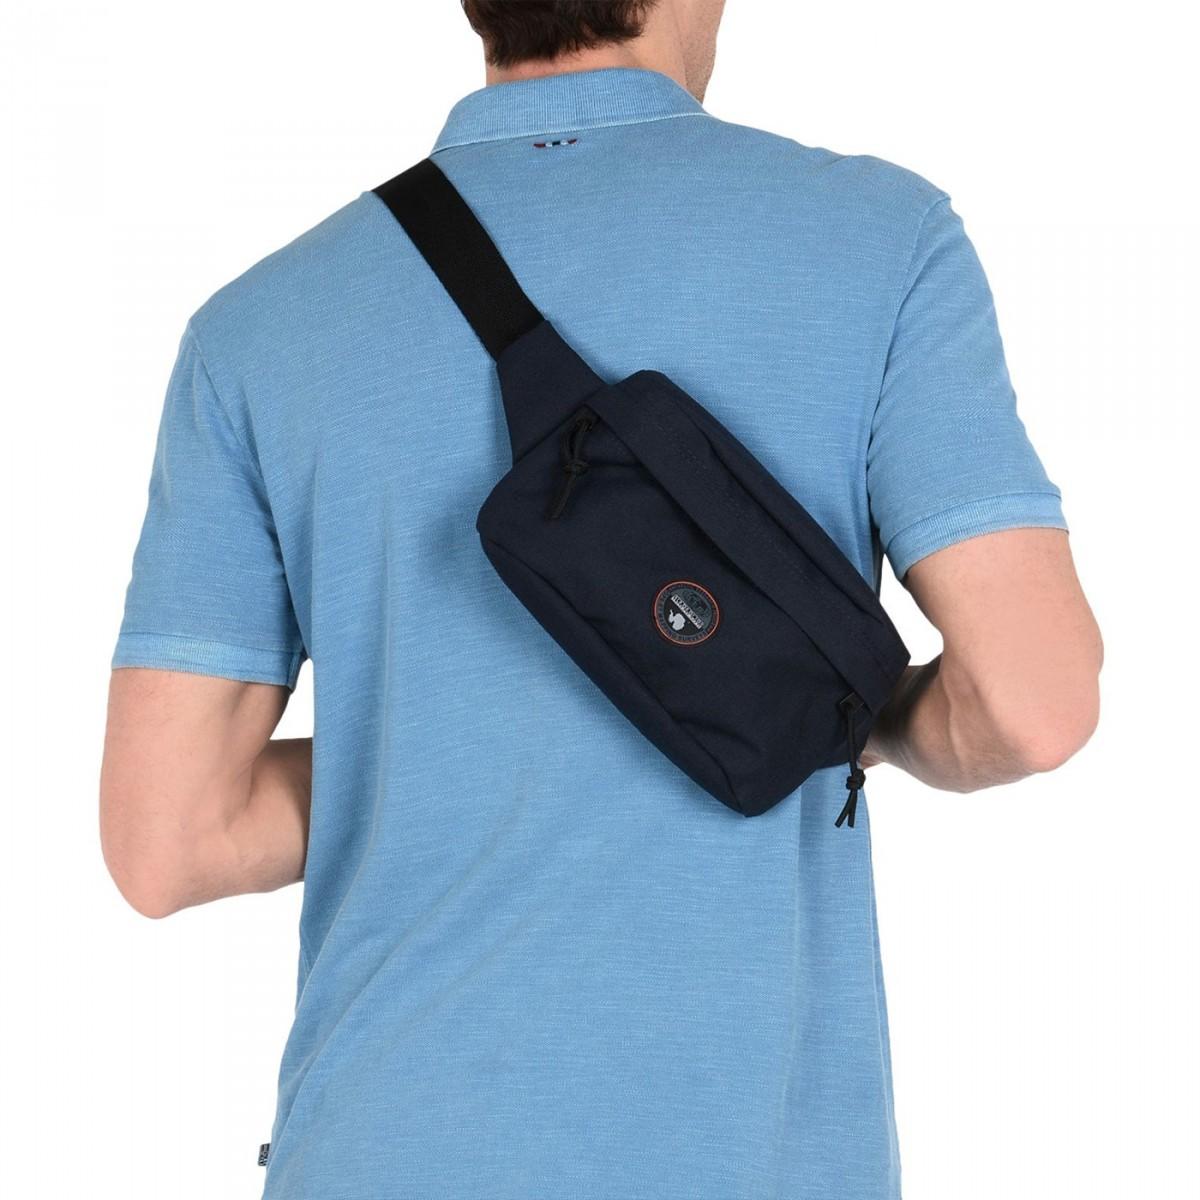 Bum bag Napapijri Hoyal Bum - Bags and accessories on Botteroski